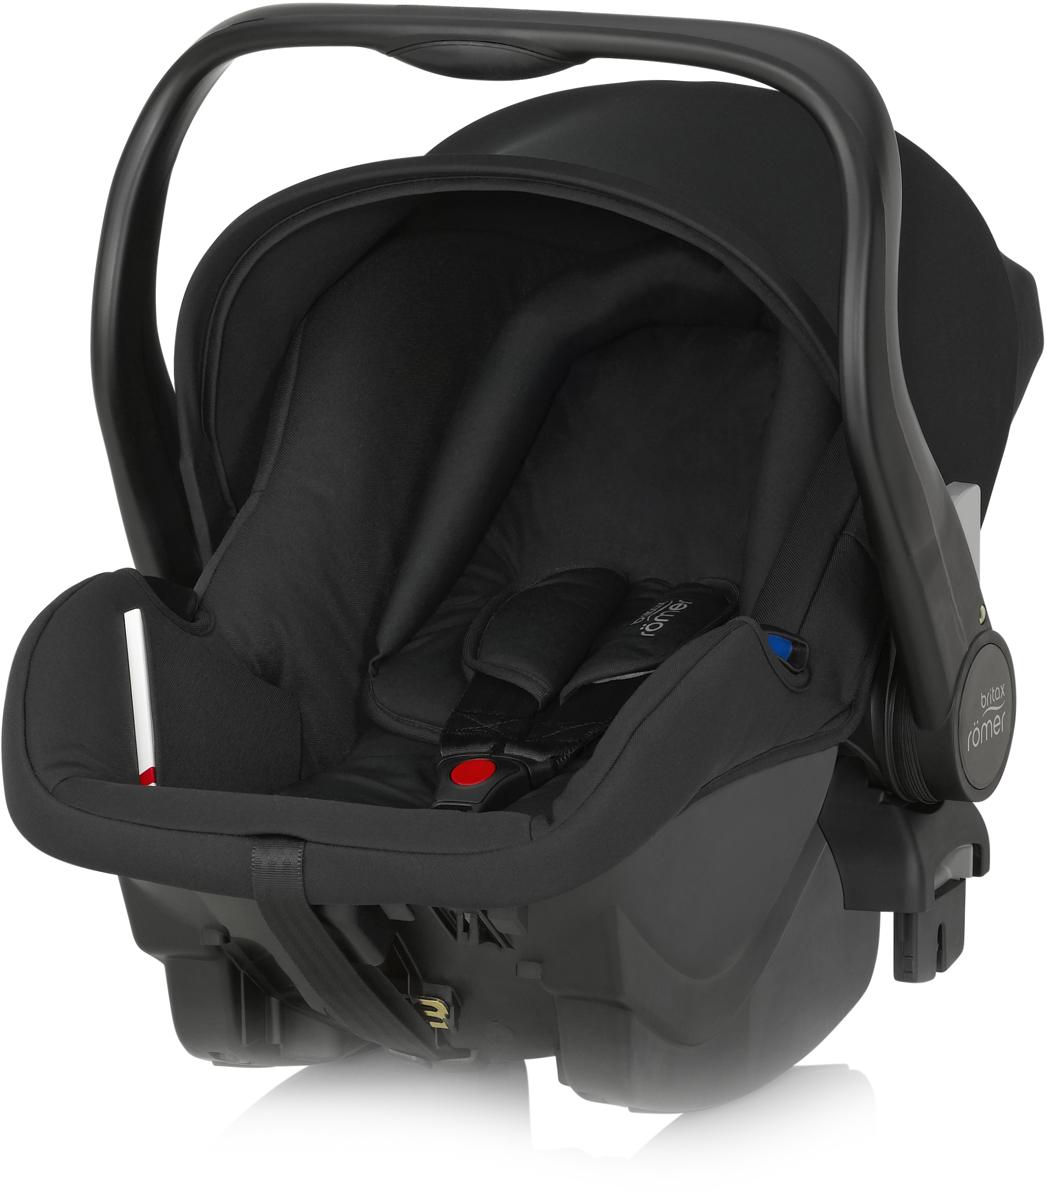 Romer Автокресло Primo Cosmos Black до 13 кг98293777Автокресло Romer Primo группы 0+ предназначено для детей весом до 13 кг (от рождения до 12 месяцев). Автокресло было разработано для родителей, которые ценят комфорт ребенка, простоту в обращении и удобство установки в любом автомобиле. Удобная ручка для переноса, регулируемый капюшон, встроенные адаптеры для коляски, оснащенной системой CLICK & GO, вставка для новорожденных из двух частей, легкость и простота установки в автомобиле - идеальное сочетание для создания Travel System - собственной системы путешествий. Автокресло Romer Primo создано, чтобы приносить только положительные эмоции.Особенности:Внутренний 3-точечный ремень безопасности регулируется всего одним движением руки.Специальный вкладыш для новорожденных, состоящий из 2 частей (подголовника с мягкими бортиками и подушки под спину), обеспечивает комфорт и безопасность во время сна. При необходимости вынимается, увеличивая свободное пространство внутри автокресла.Совместимость с детскими колясками BRITAX, оснащенными механизмом CLICK & GO.Съемный капор для защиты от солнца и ветра с защитой от УФ-излучения 50+. Эргономичная ручка для переноски: для ношения и использования в авто; для укладывания ребенка; для надежной установки за пределами автомобиля.Быстросъемный моющийся чехол с мягкой подкладкой, не требующий расцепления ремня безопасности.Изогнутое основание для укачивания или кормления.Глубокие боковины с мягкой обивкой и плечевые накладки на внутренних ремнях для еще большего комфорта ребенка.Быстрая и простая установка с помощью 3-точечного ремня безопасности автомобиля или специальной базы PRIMO.